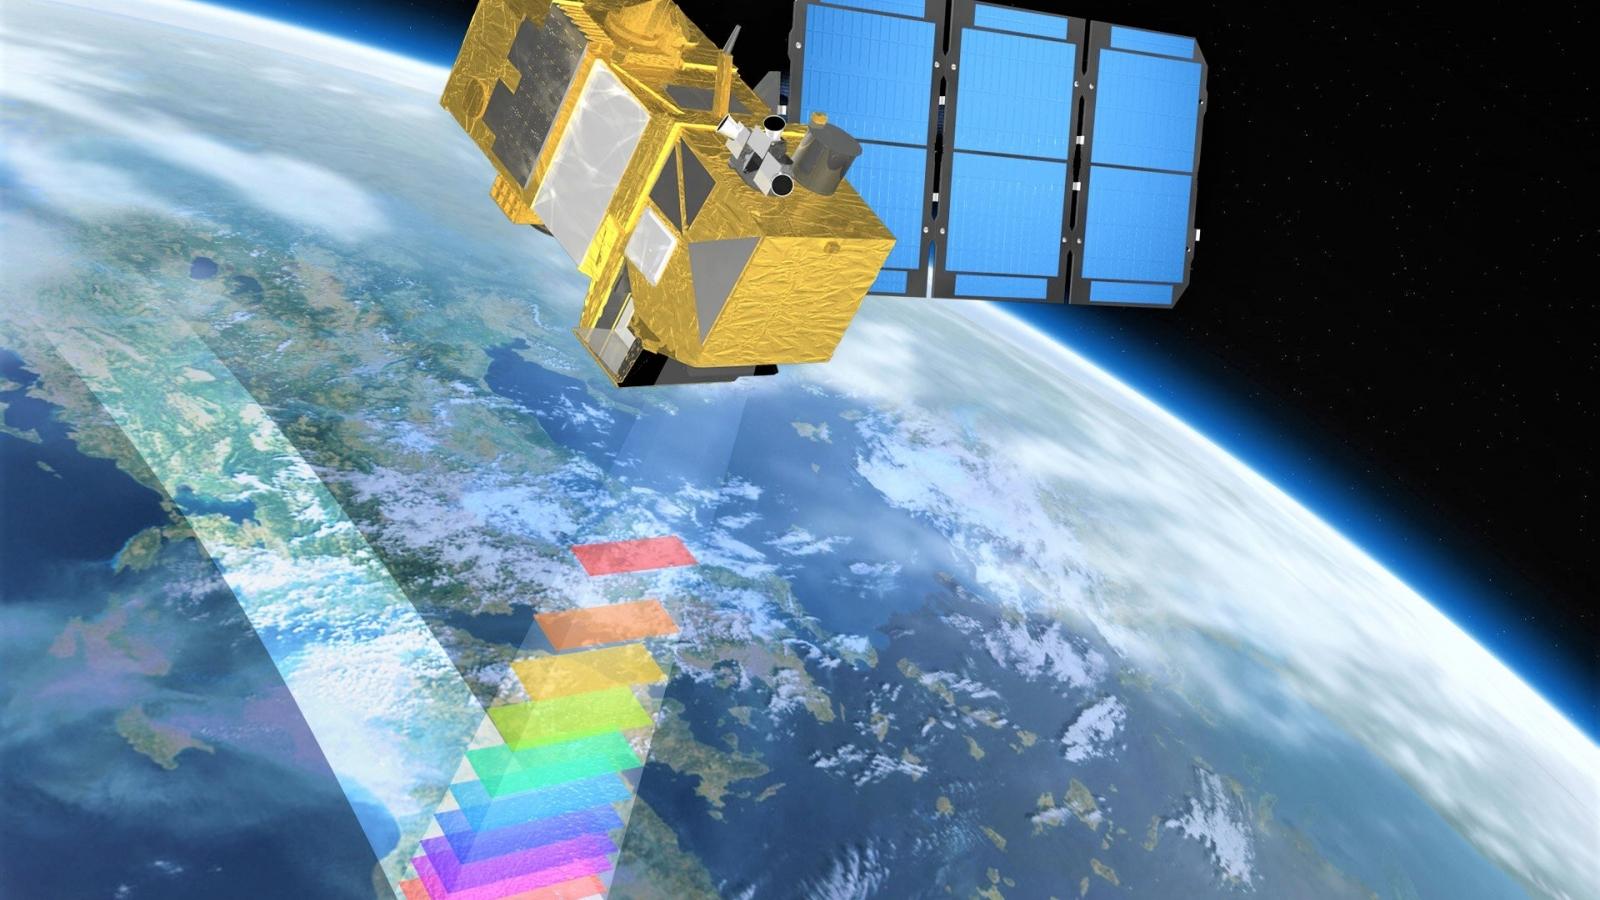 Nga chứng tỏ khả năng ngụy trang trước vệ tinh do thám của đối phương